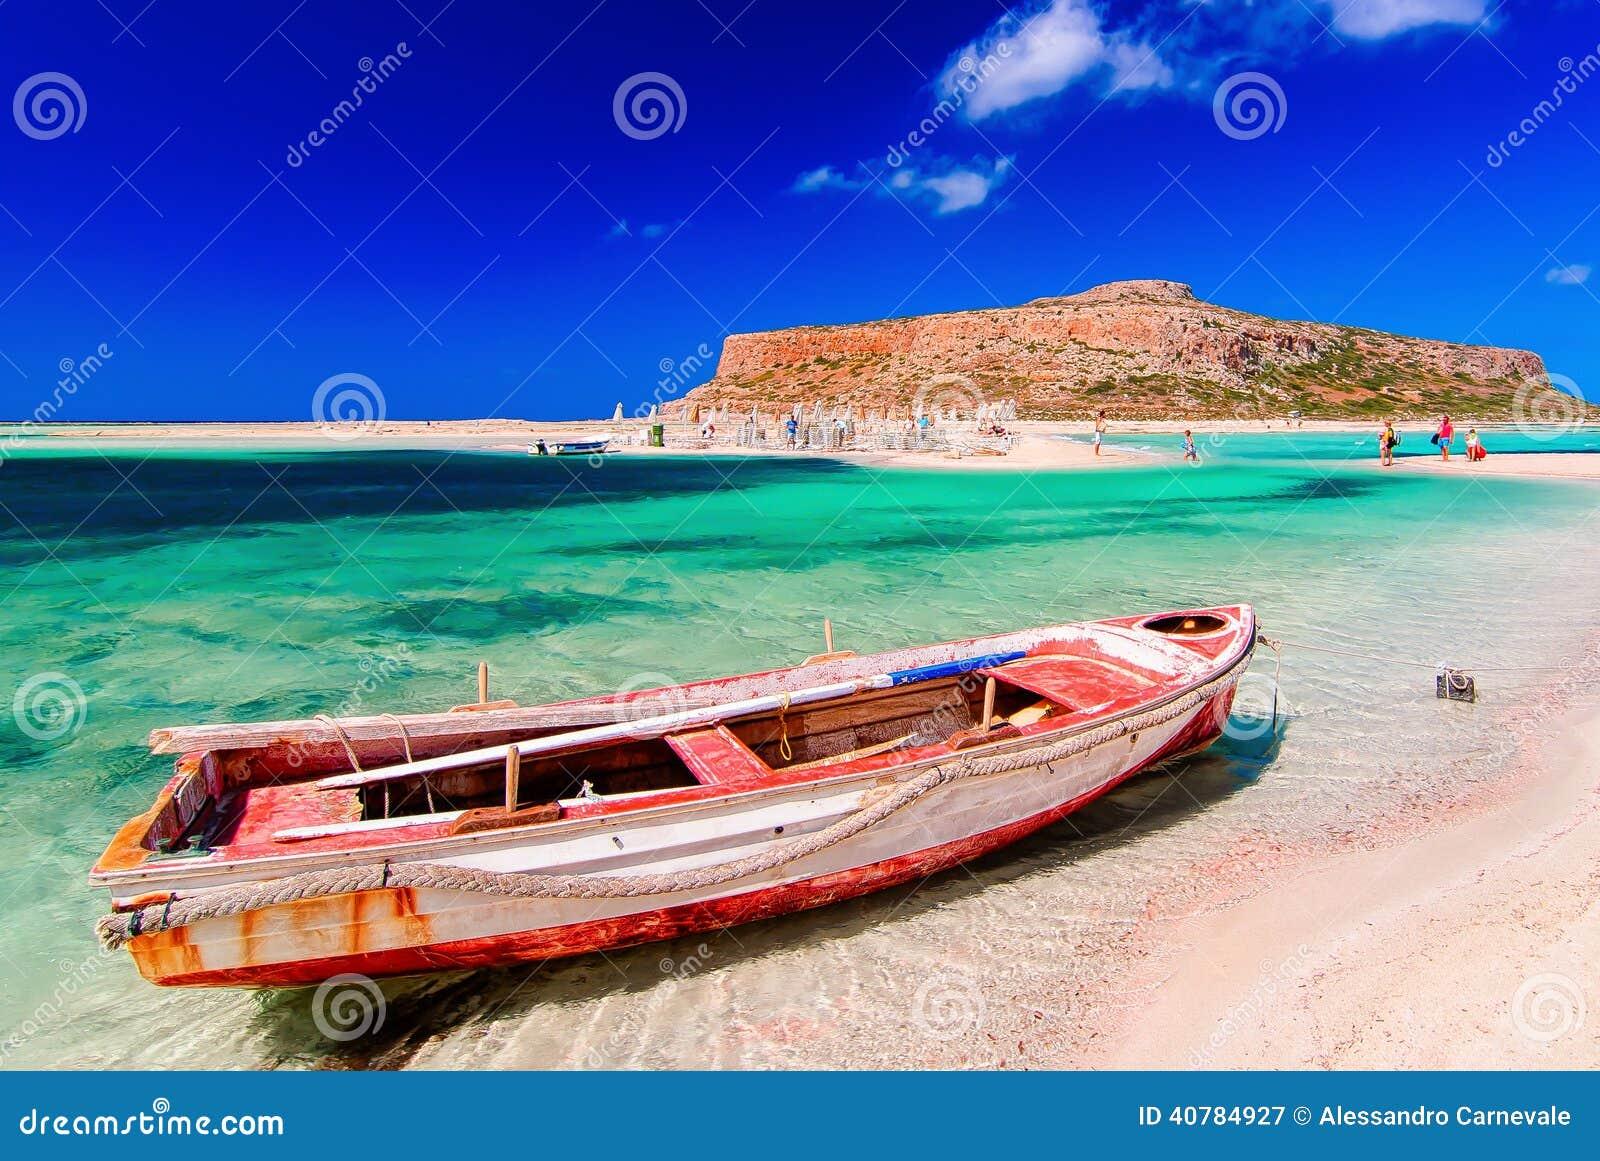 how to get to balos beach crete